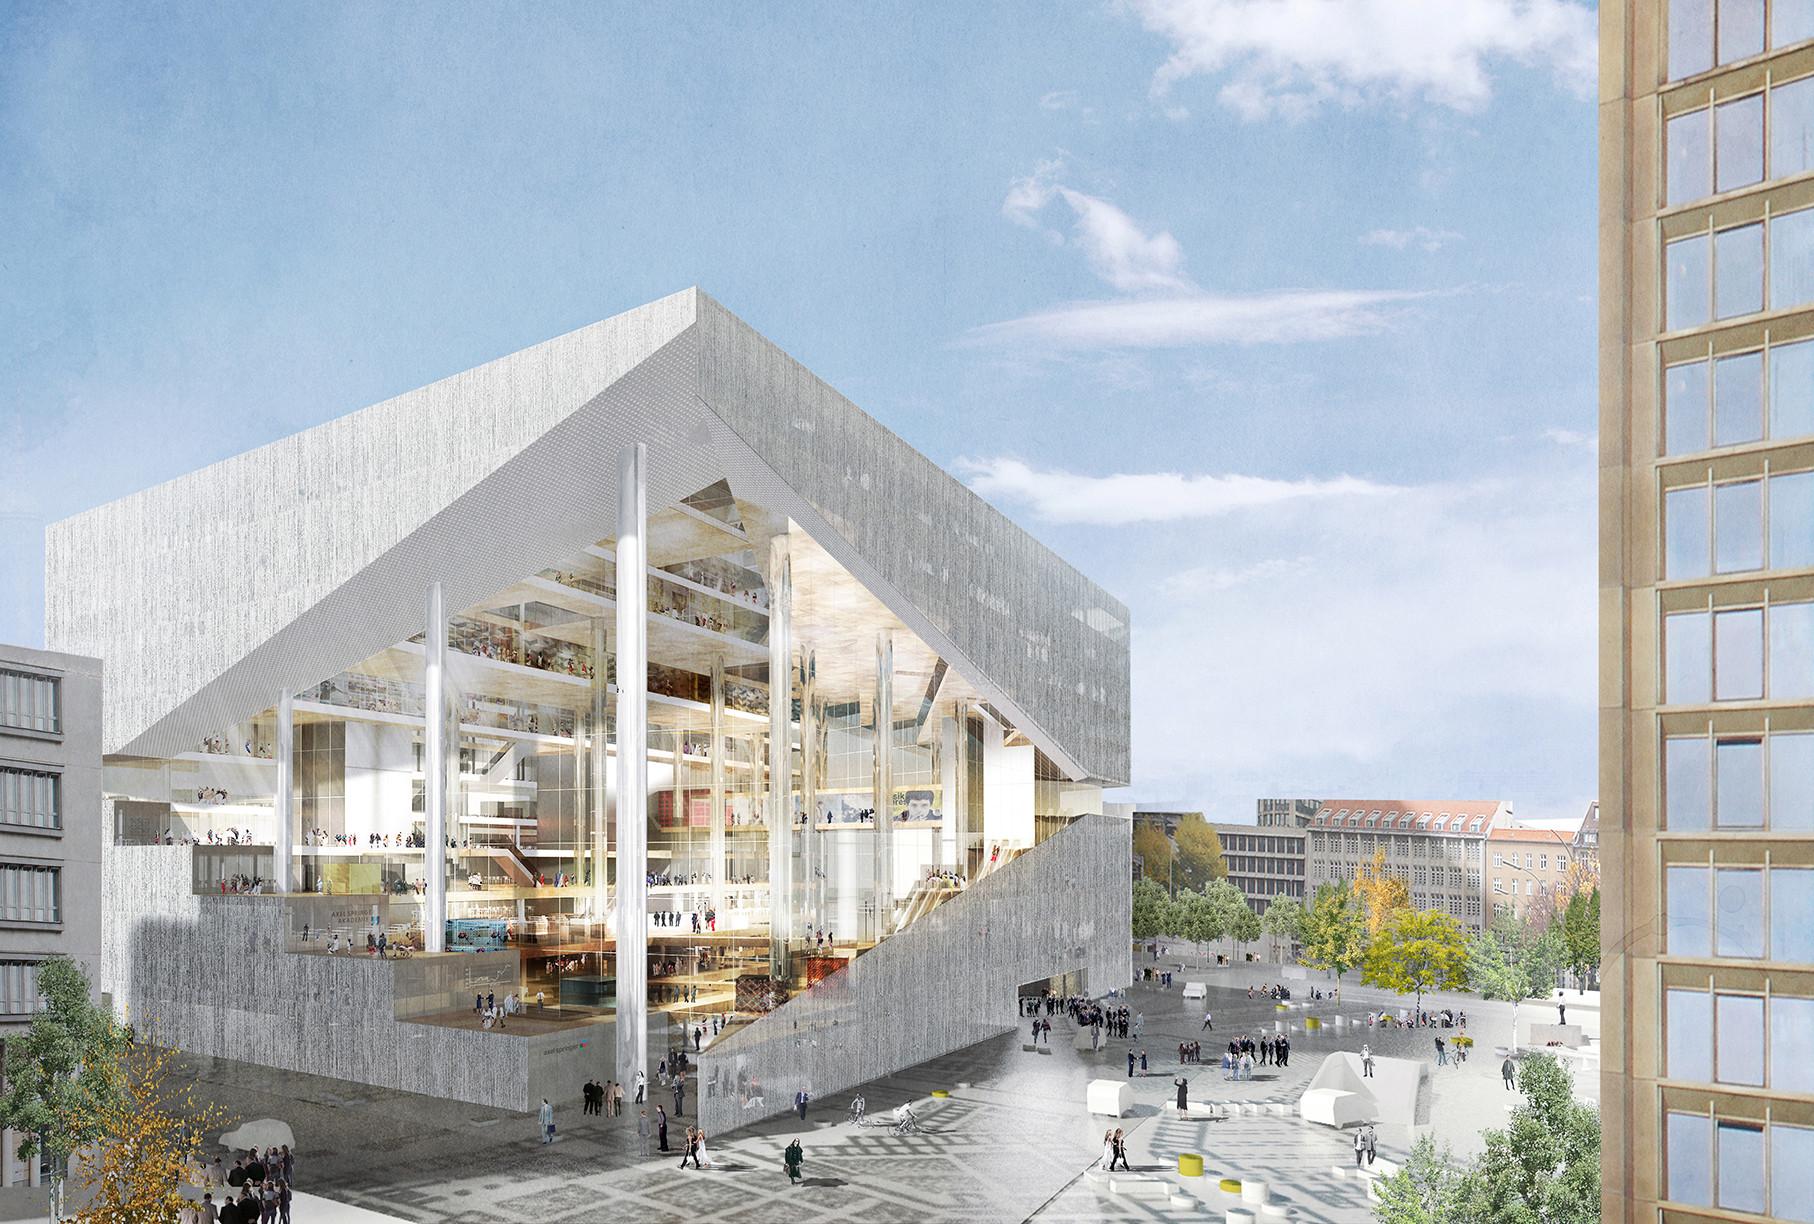 OMA le gana a BIG y Büro Ole Scheeren para diseñar el Campus Axel Springer en Berlin, Propuesta ganadora de OMA para el Campus de Axel Springer en Berlin. Imagen cosrtesía de Axel Springer SE